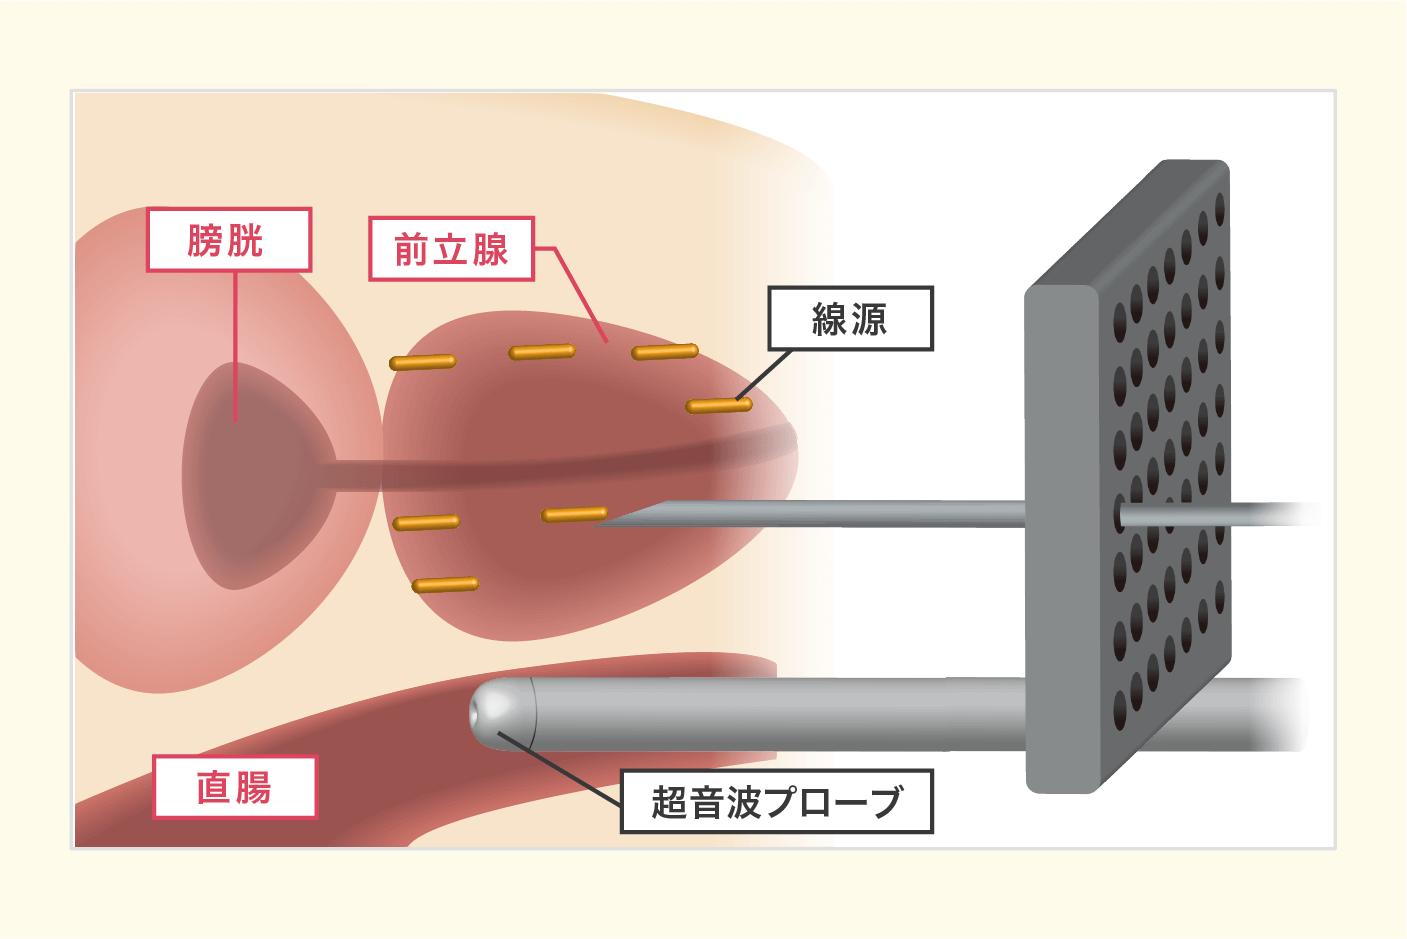 癌 治療 前立腺 放射線 高リスク前立腺癌に対する手術が増えて来た:がんナビ